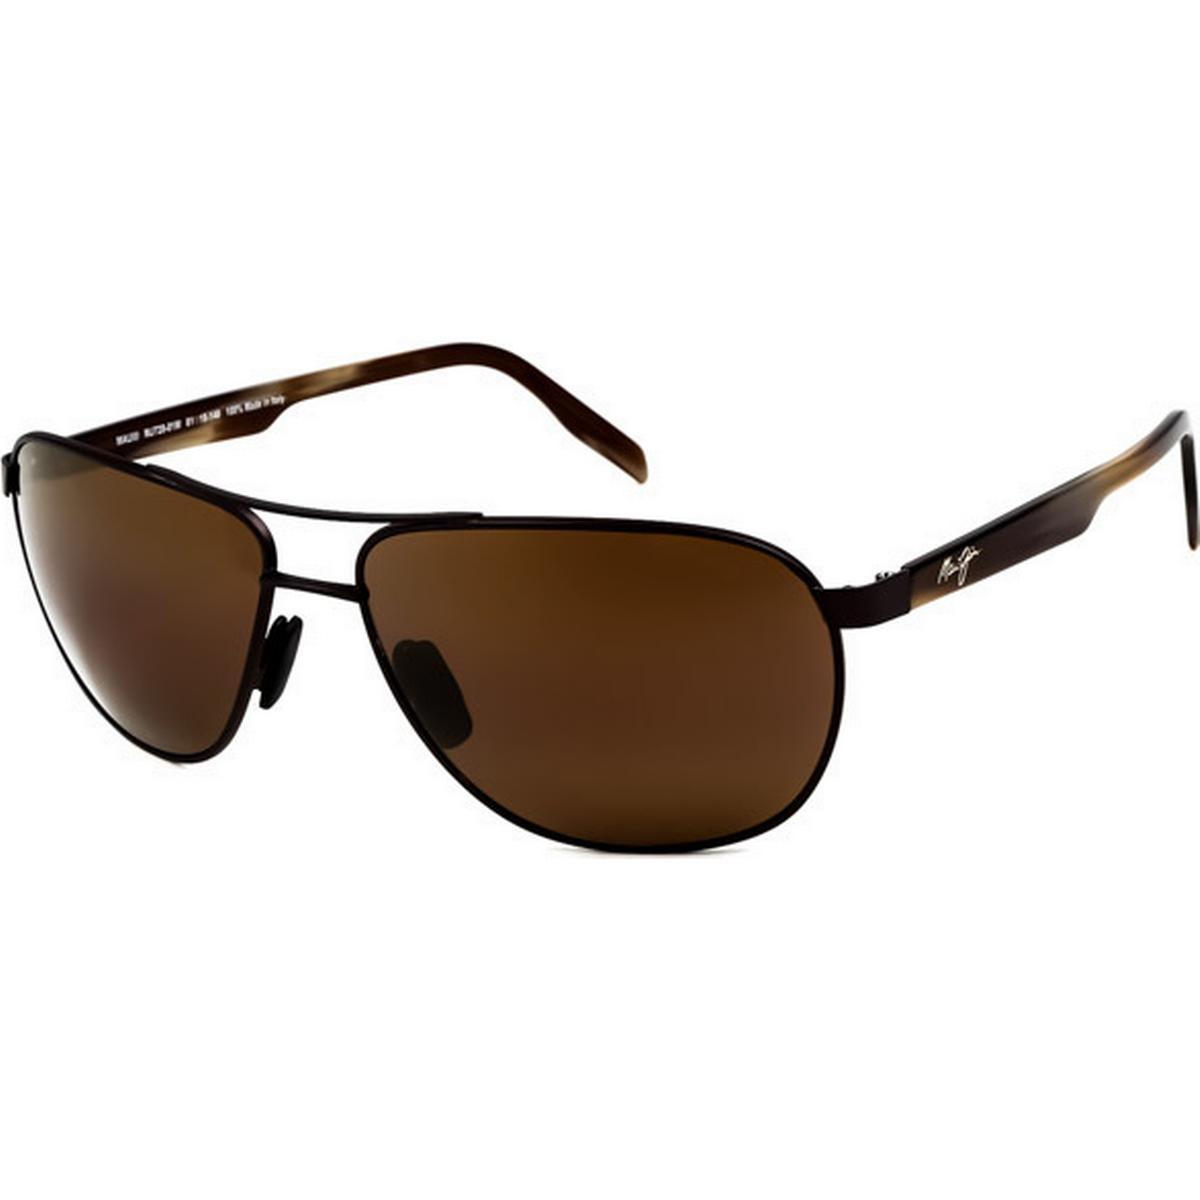 637530c484c8 Maui Jim Solbriller - Sammenlign priser hos PriceRunner